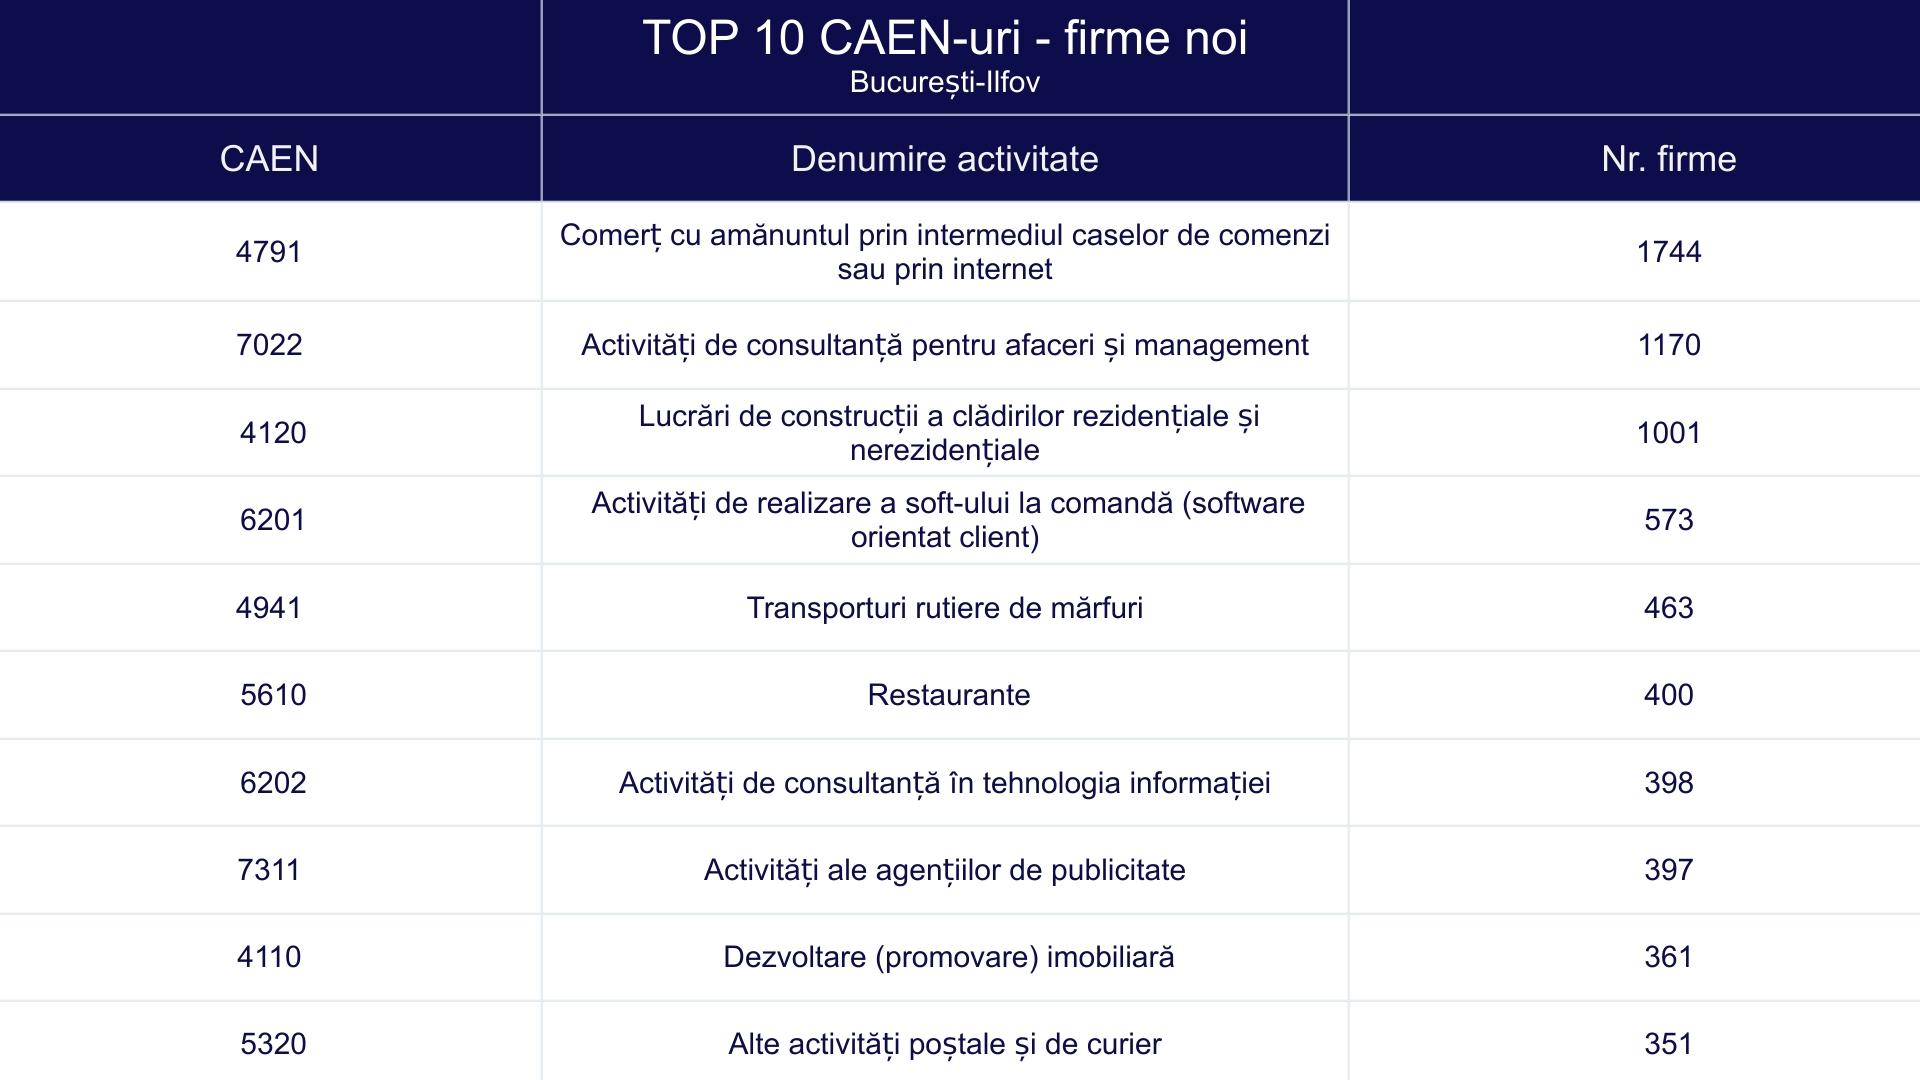 TOP 10 CAEN-uri - firme noi - București-Ilfov